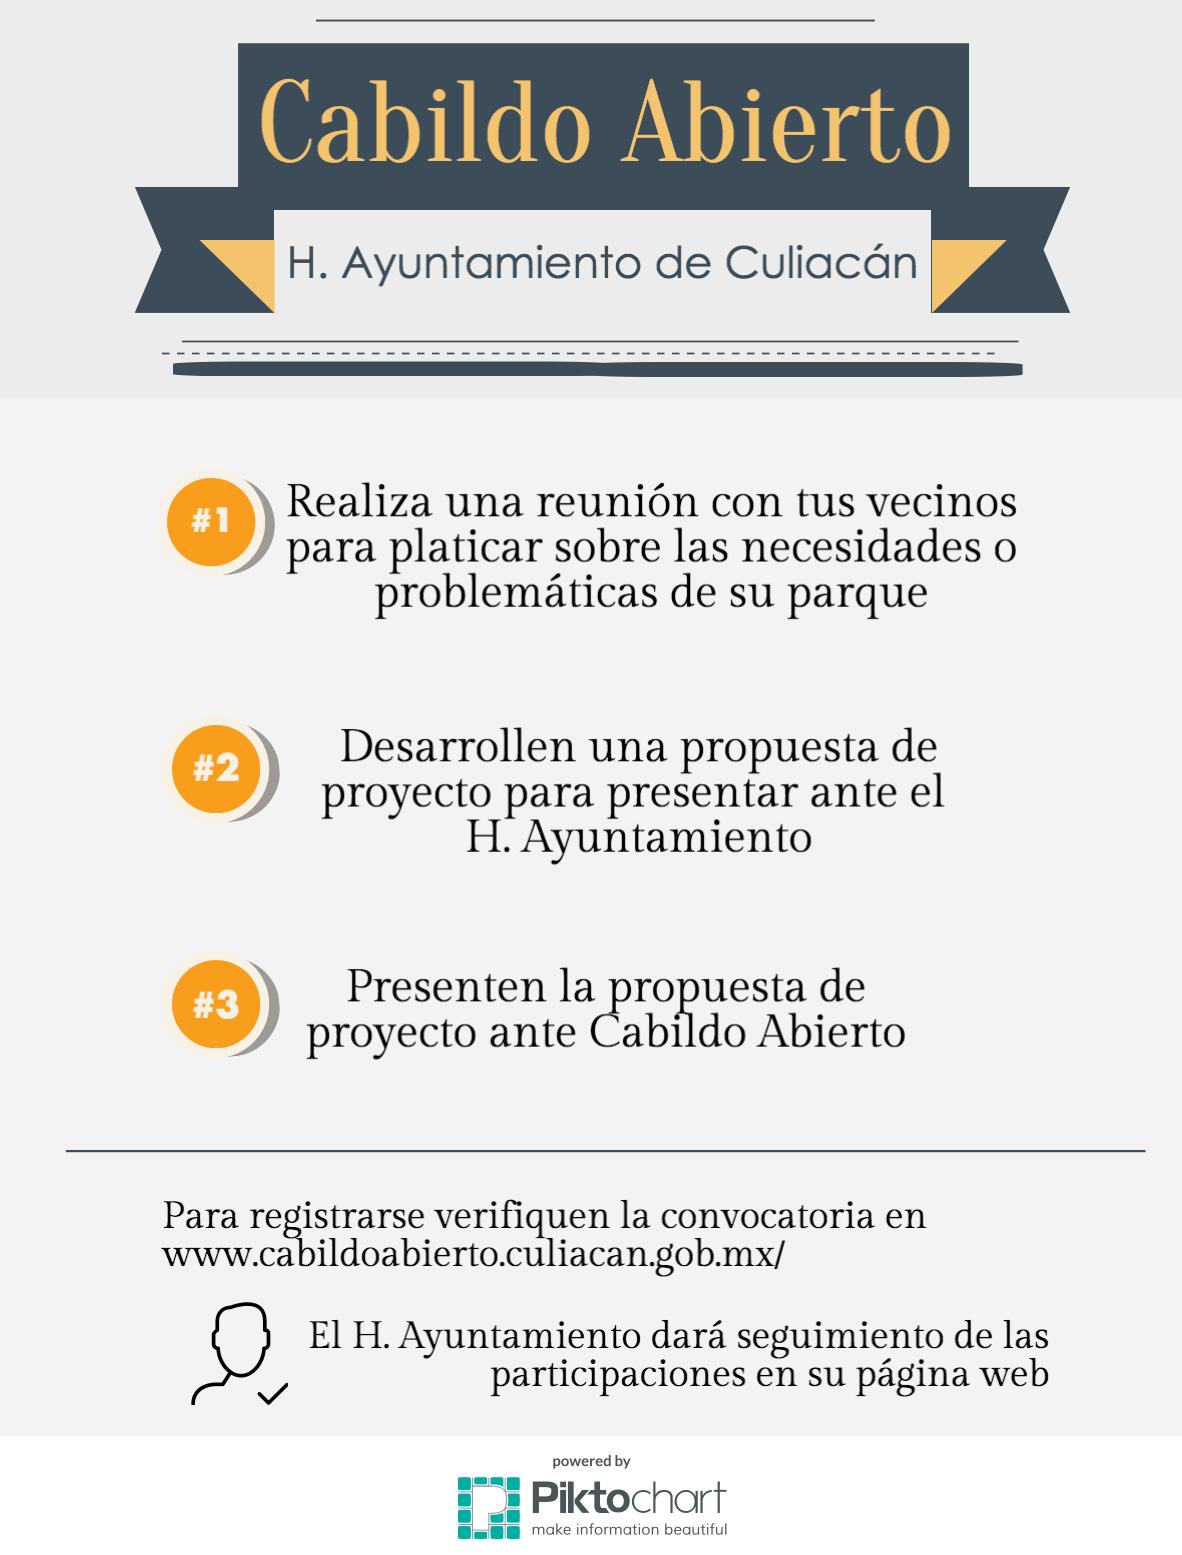 Cabildo Abierto